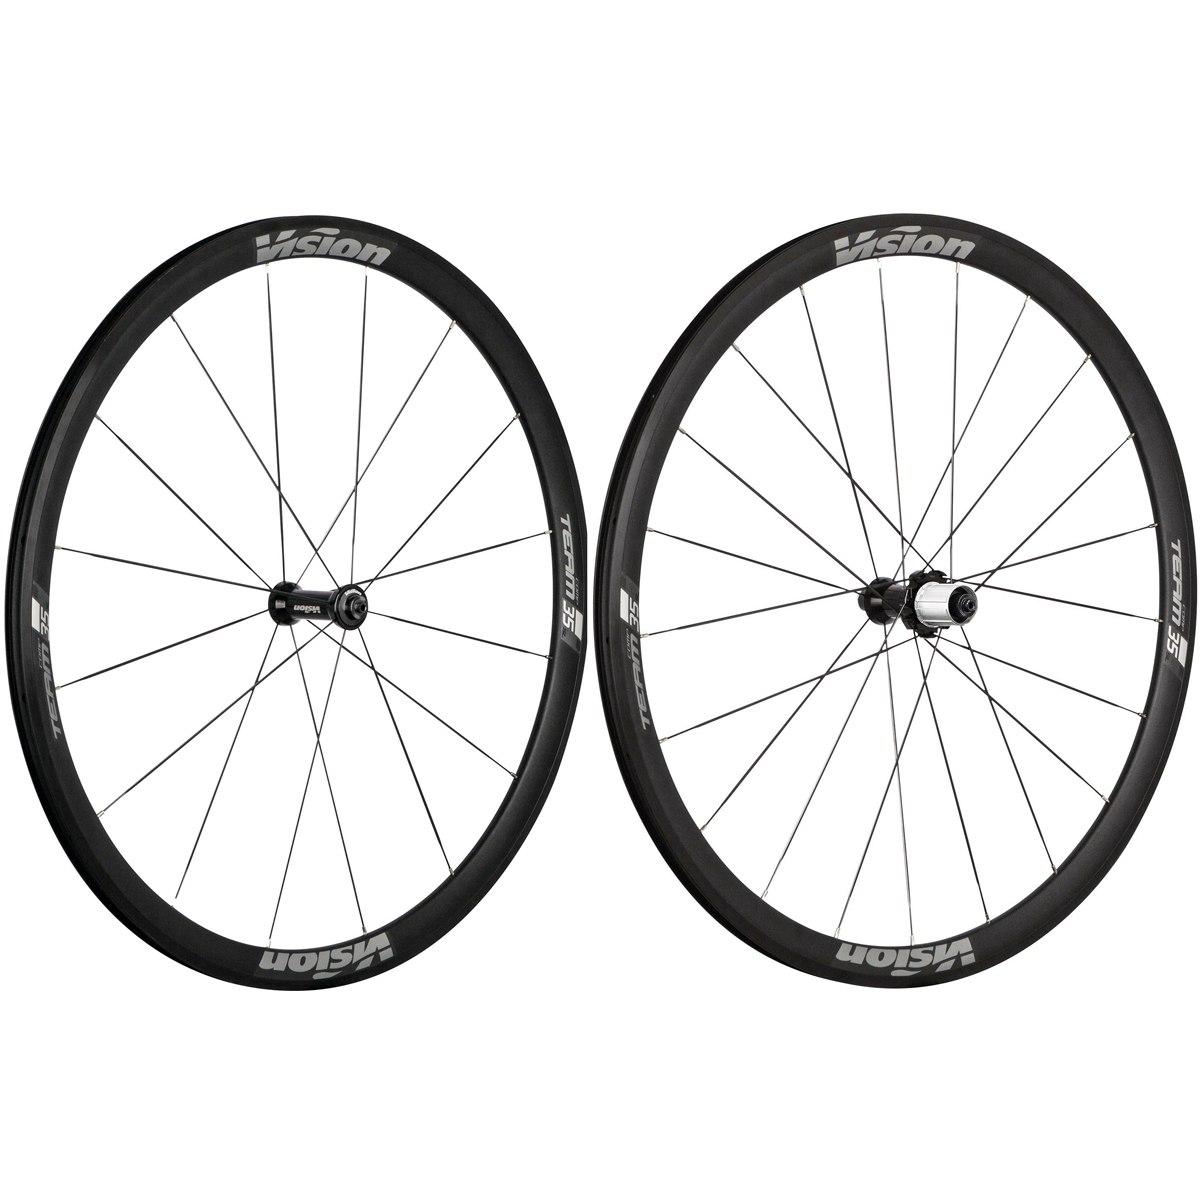 Bild von Vision Team 35 Comp SL Laufradsatz Drahtreifen - schwarz/grau